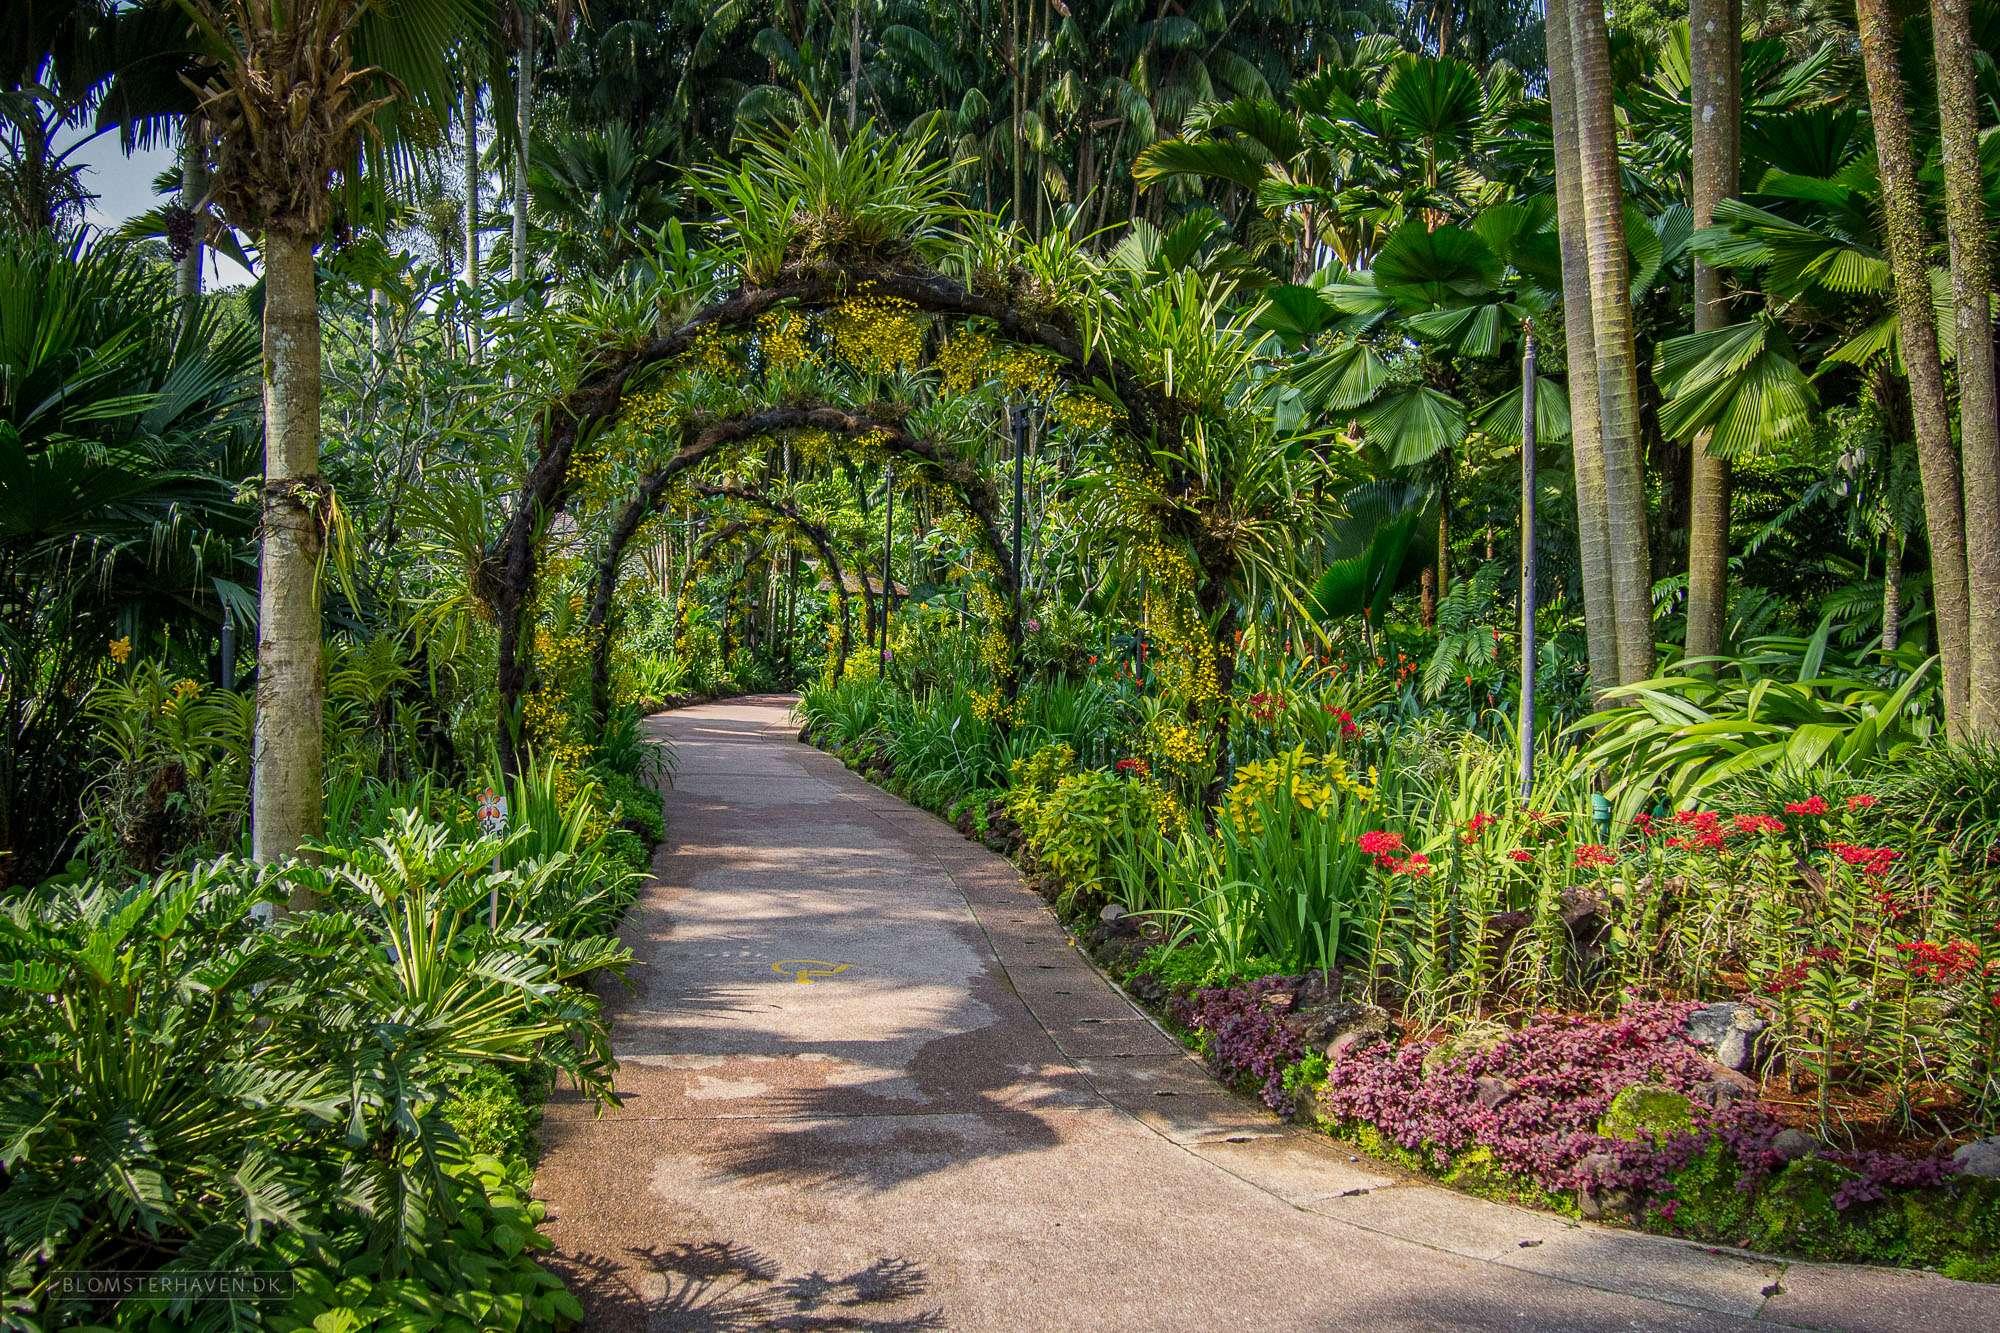 Pergola på en af de mange gode stier i Singapore Botanic Gardens